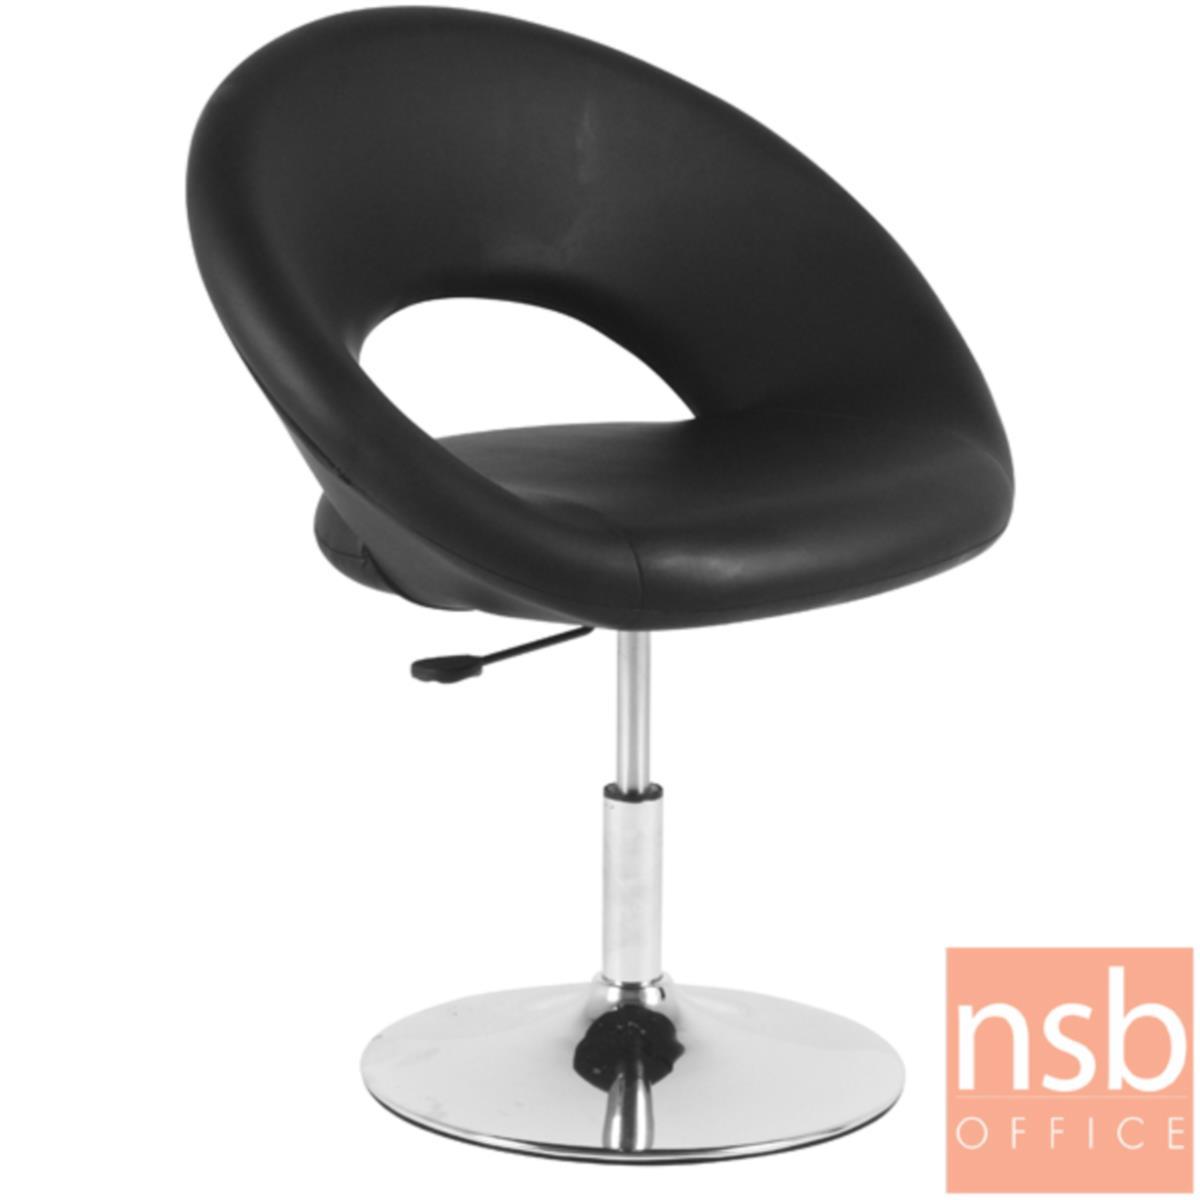 B29A297:เก้าอี้โมเดิร์นหนังเทียม รุ่น GD-MIX ขนาด 73W cm. โช๊คแก๊ส โครงขาเหล็กชุบโครเมี่ยม